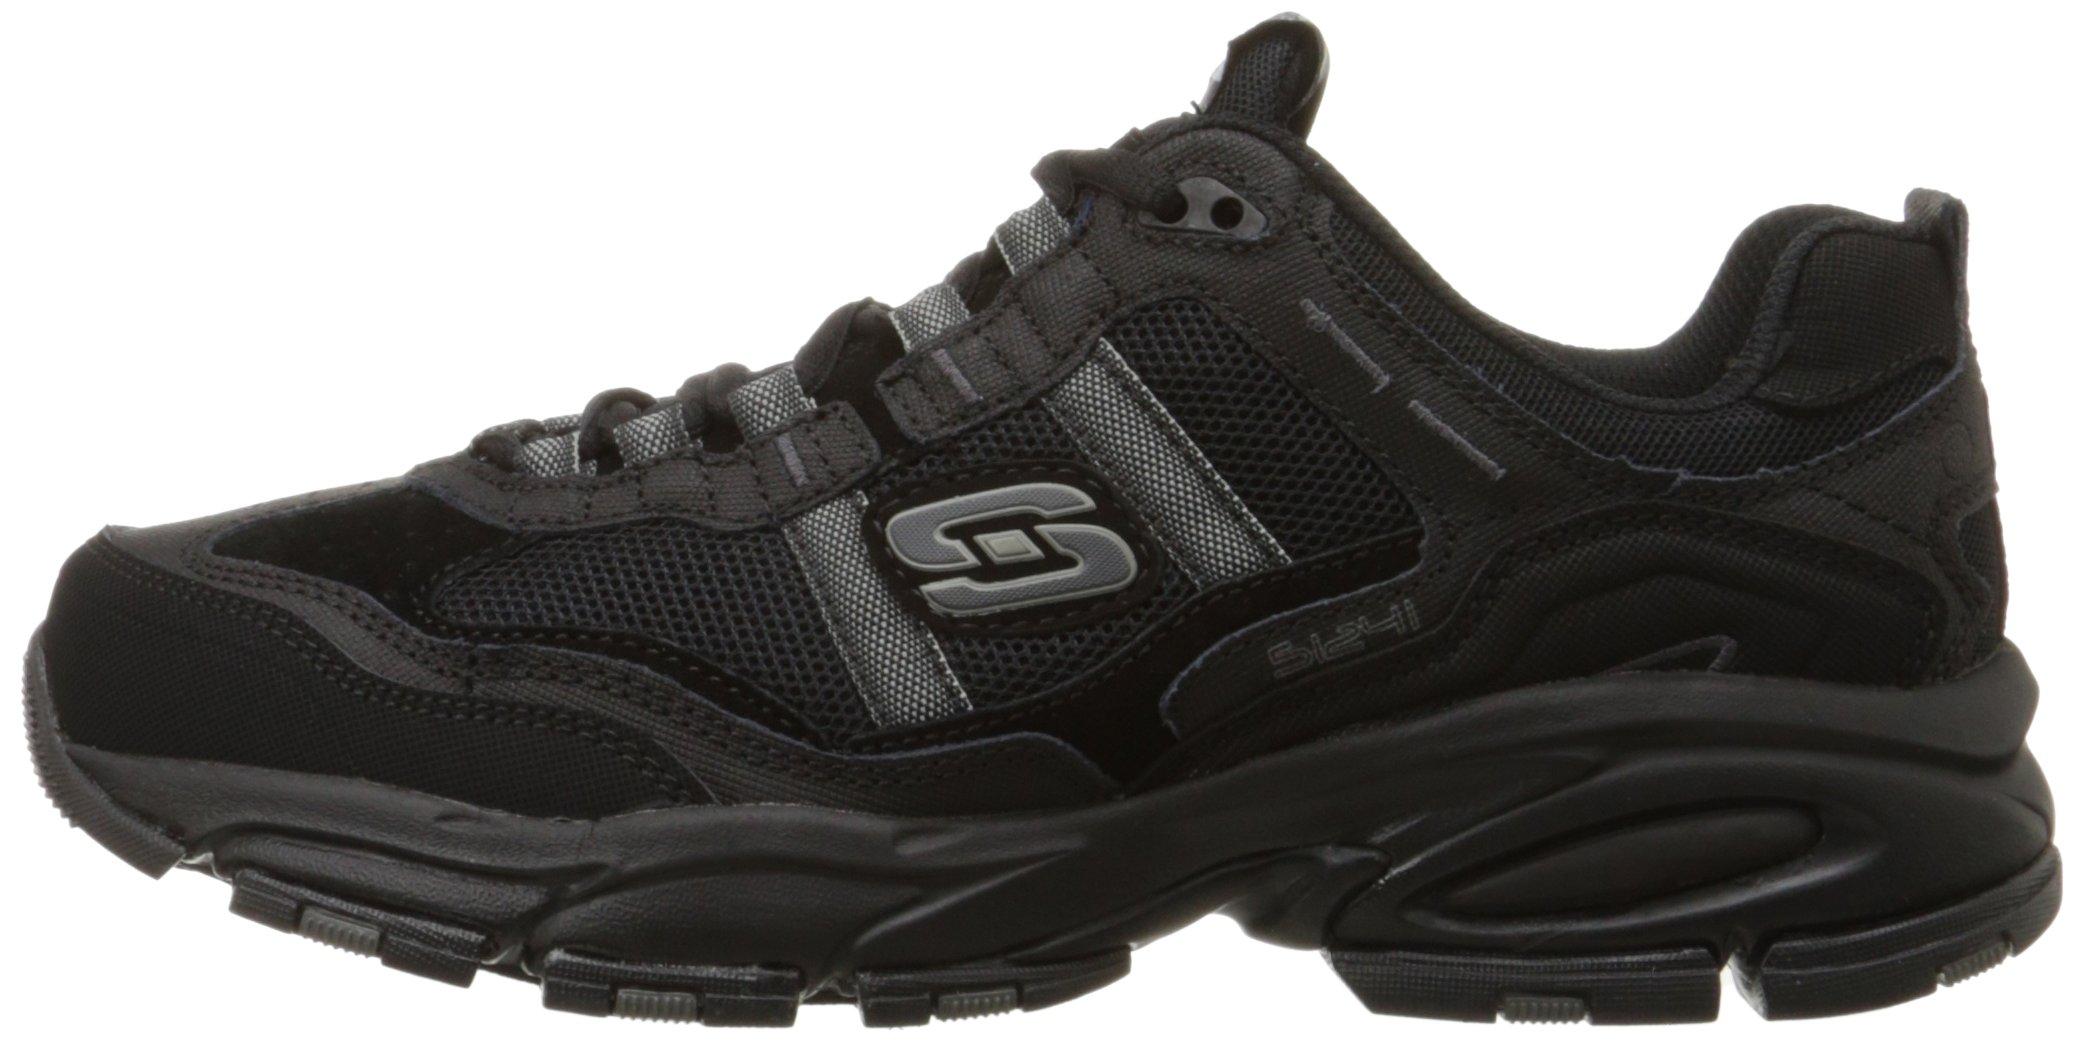 Skechers Sport Men's Vigor 2.0 Trait Memory Foam Sneaker, Black, 12 M US by Skechers (Image #5)